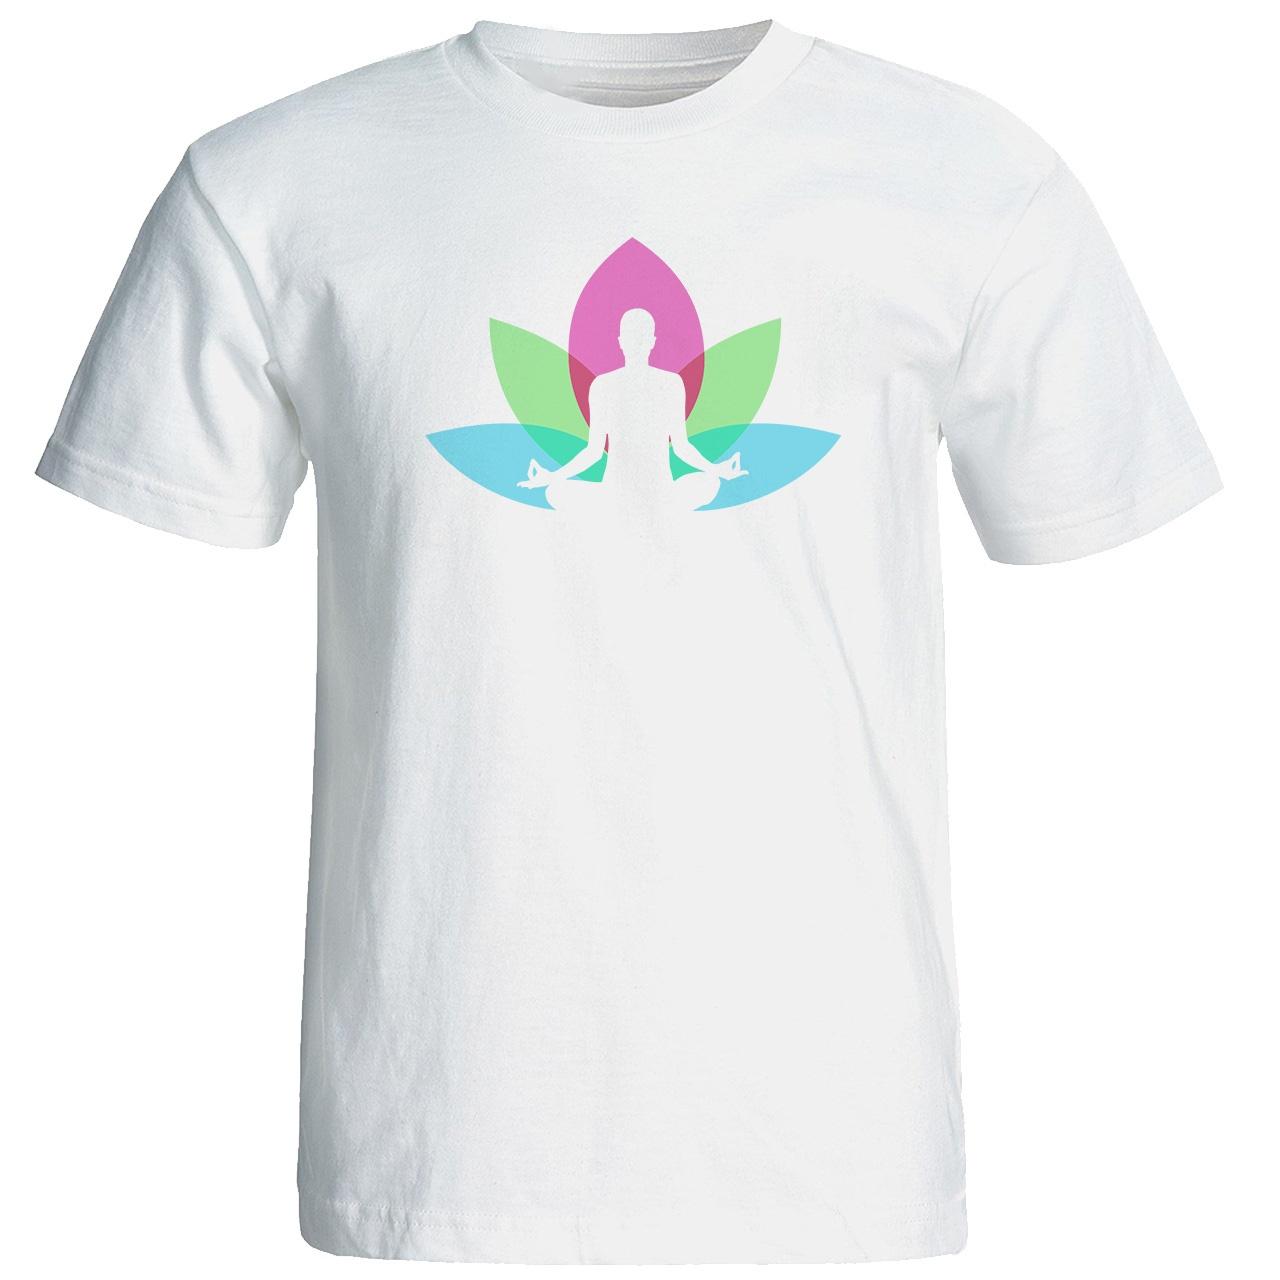 تی شرت مردانه طرح یوگا کد 12873